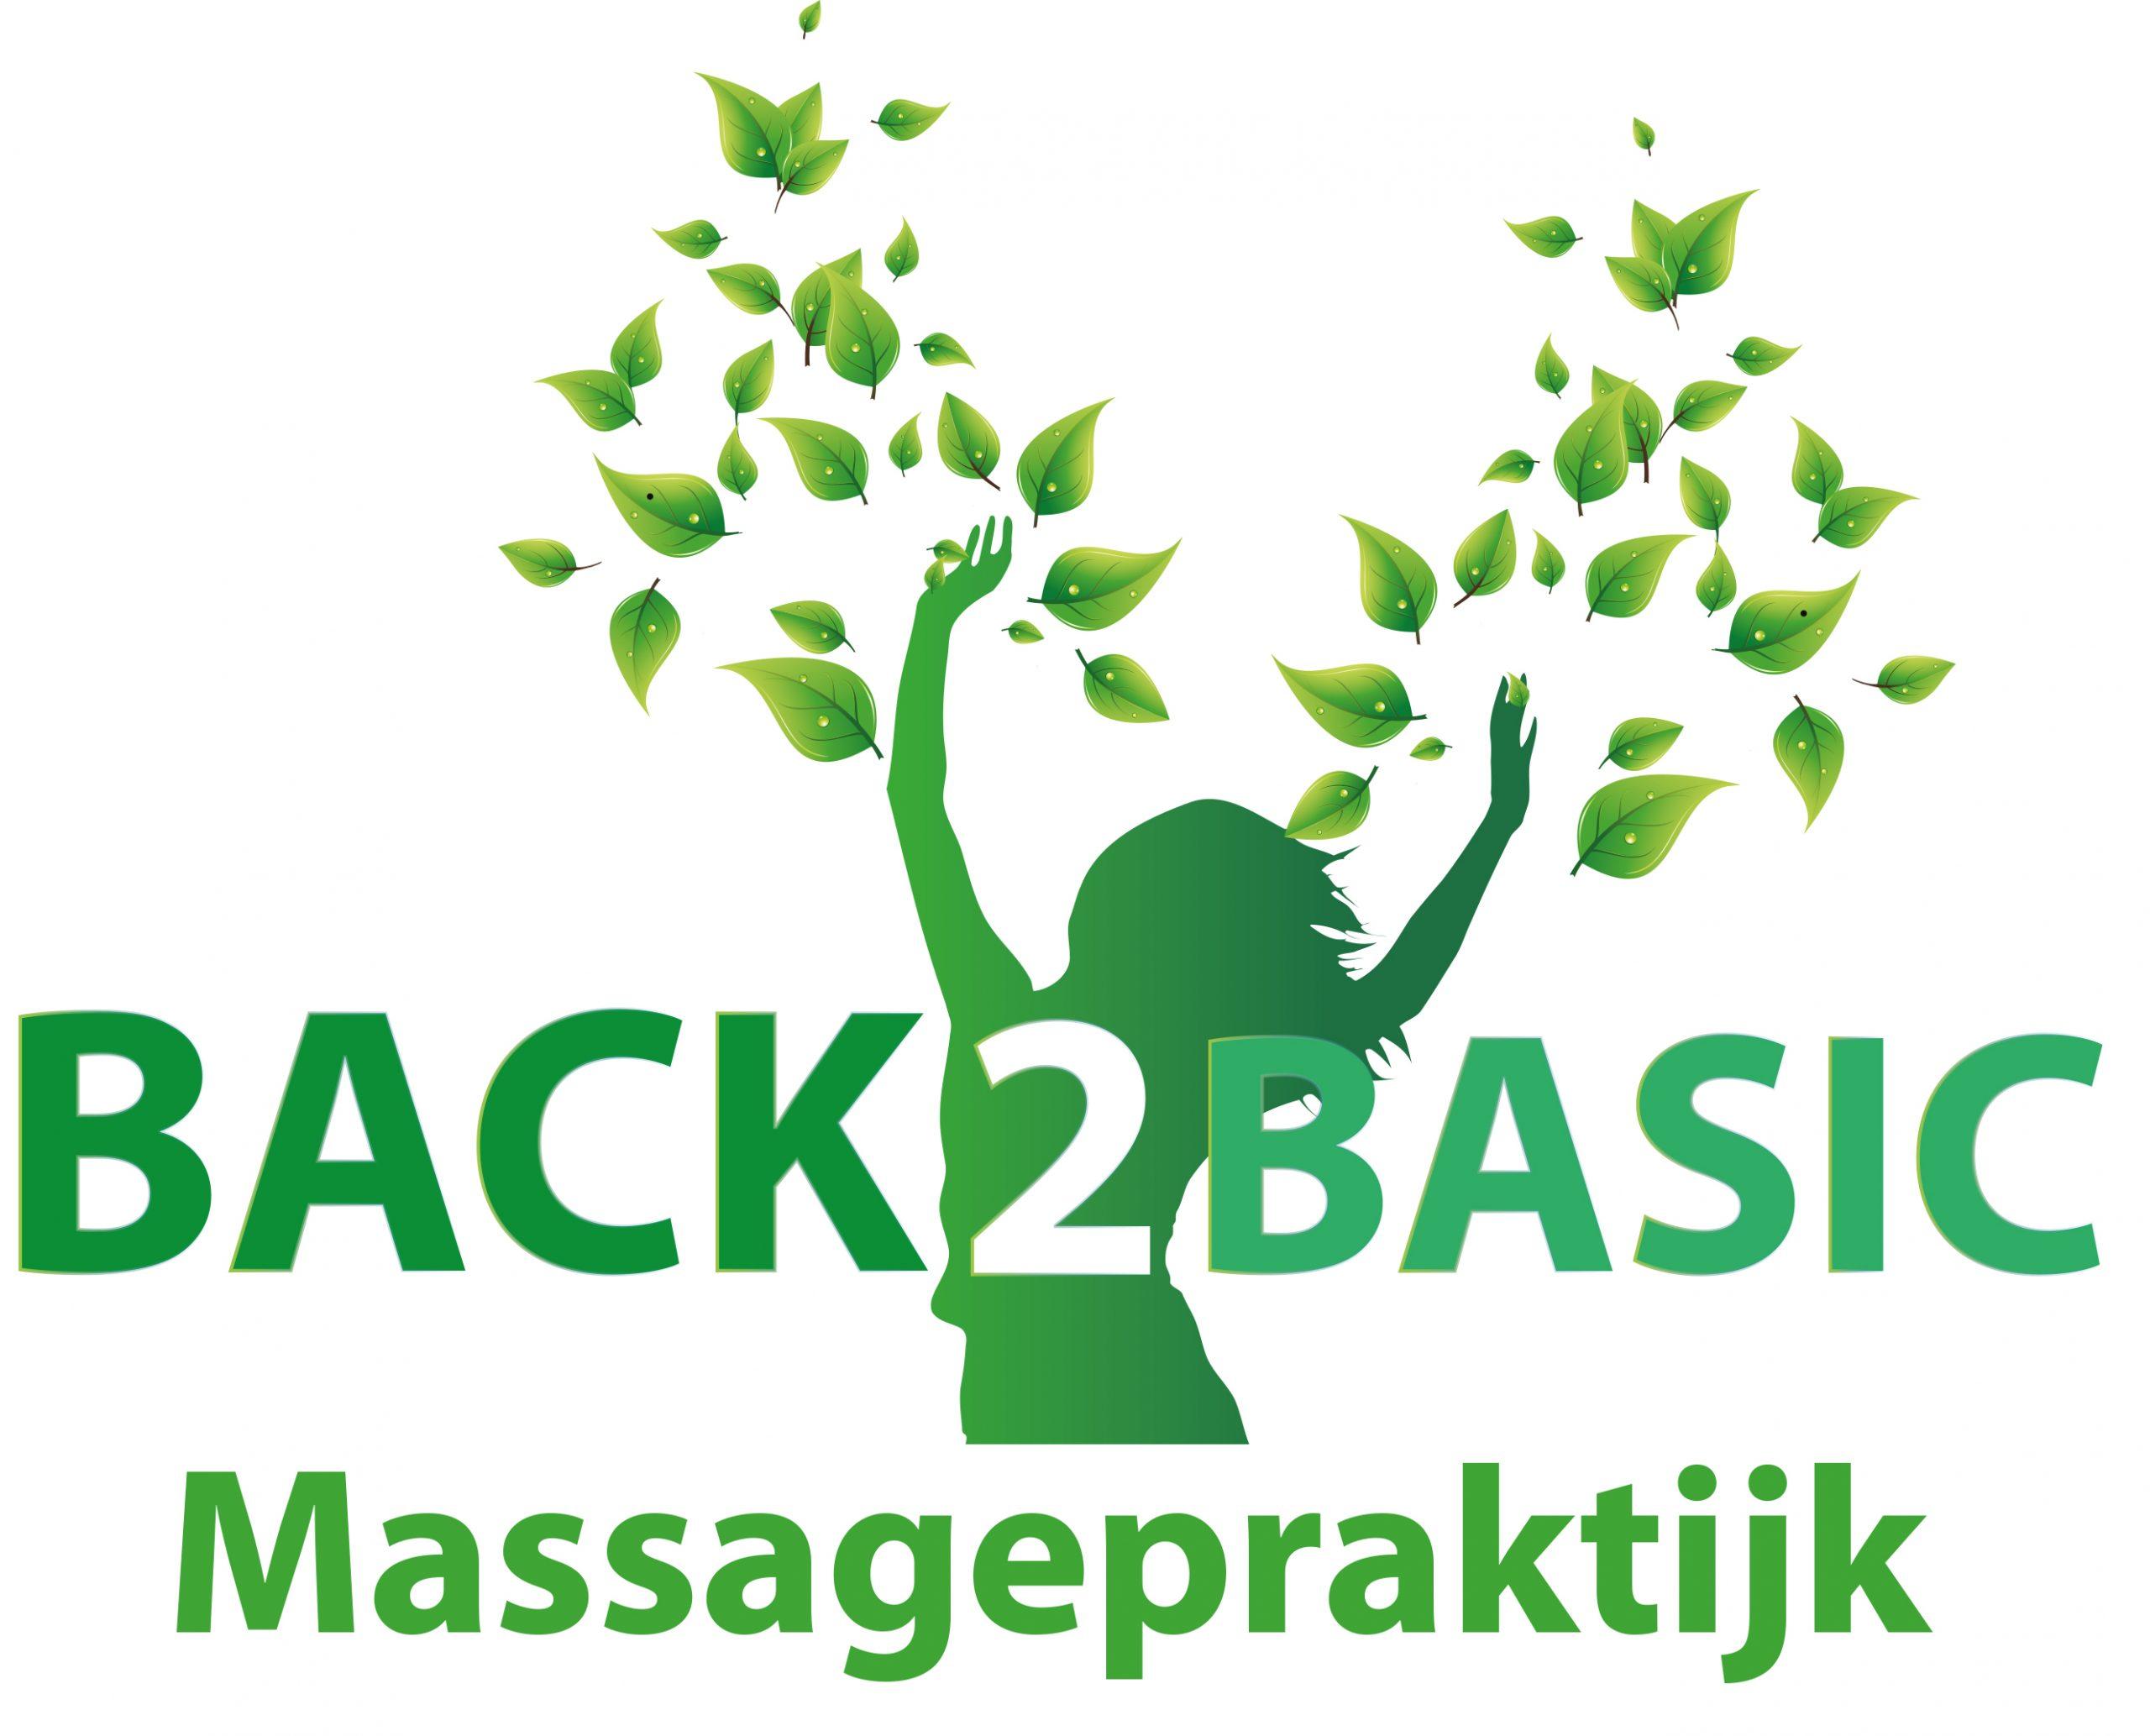 Back 2 Basic Massagepraktijk